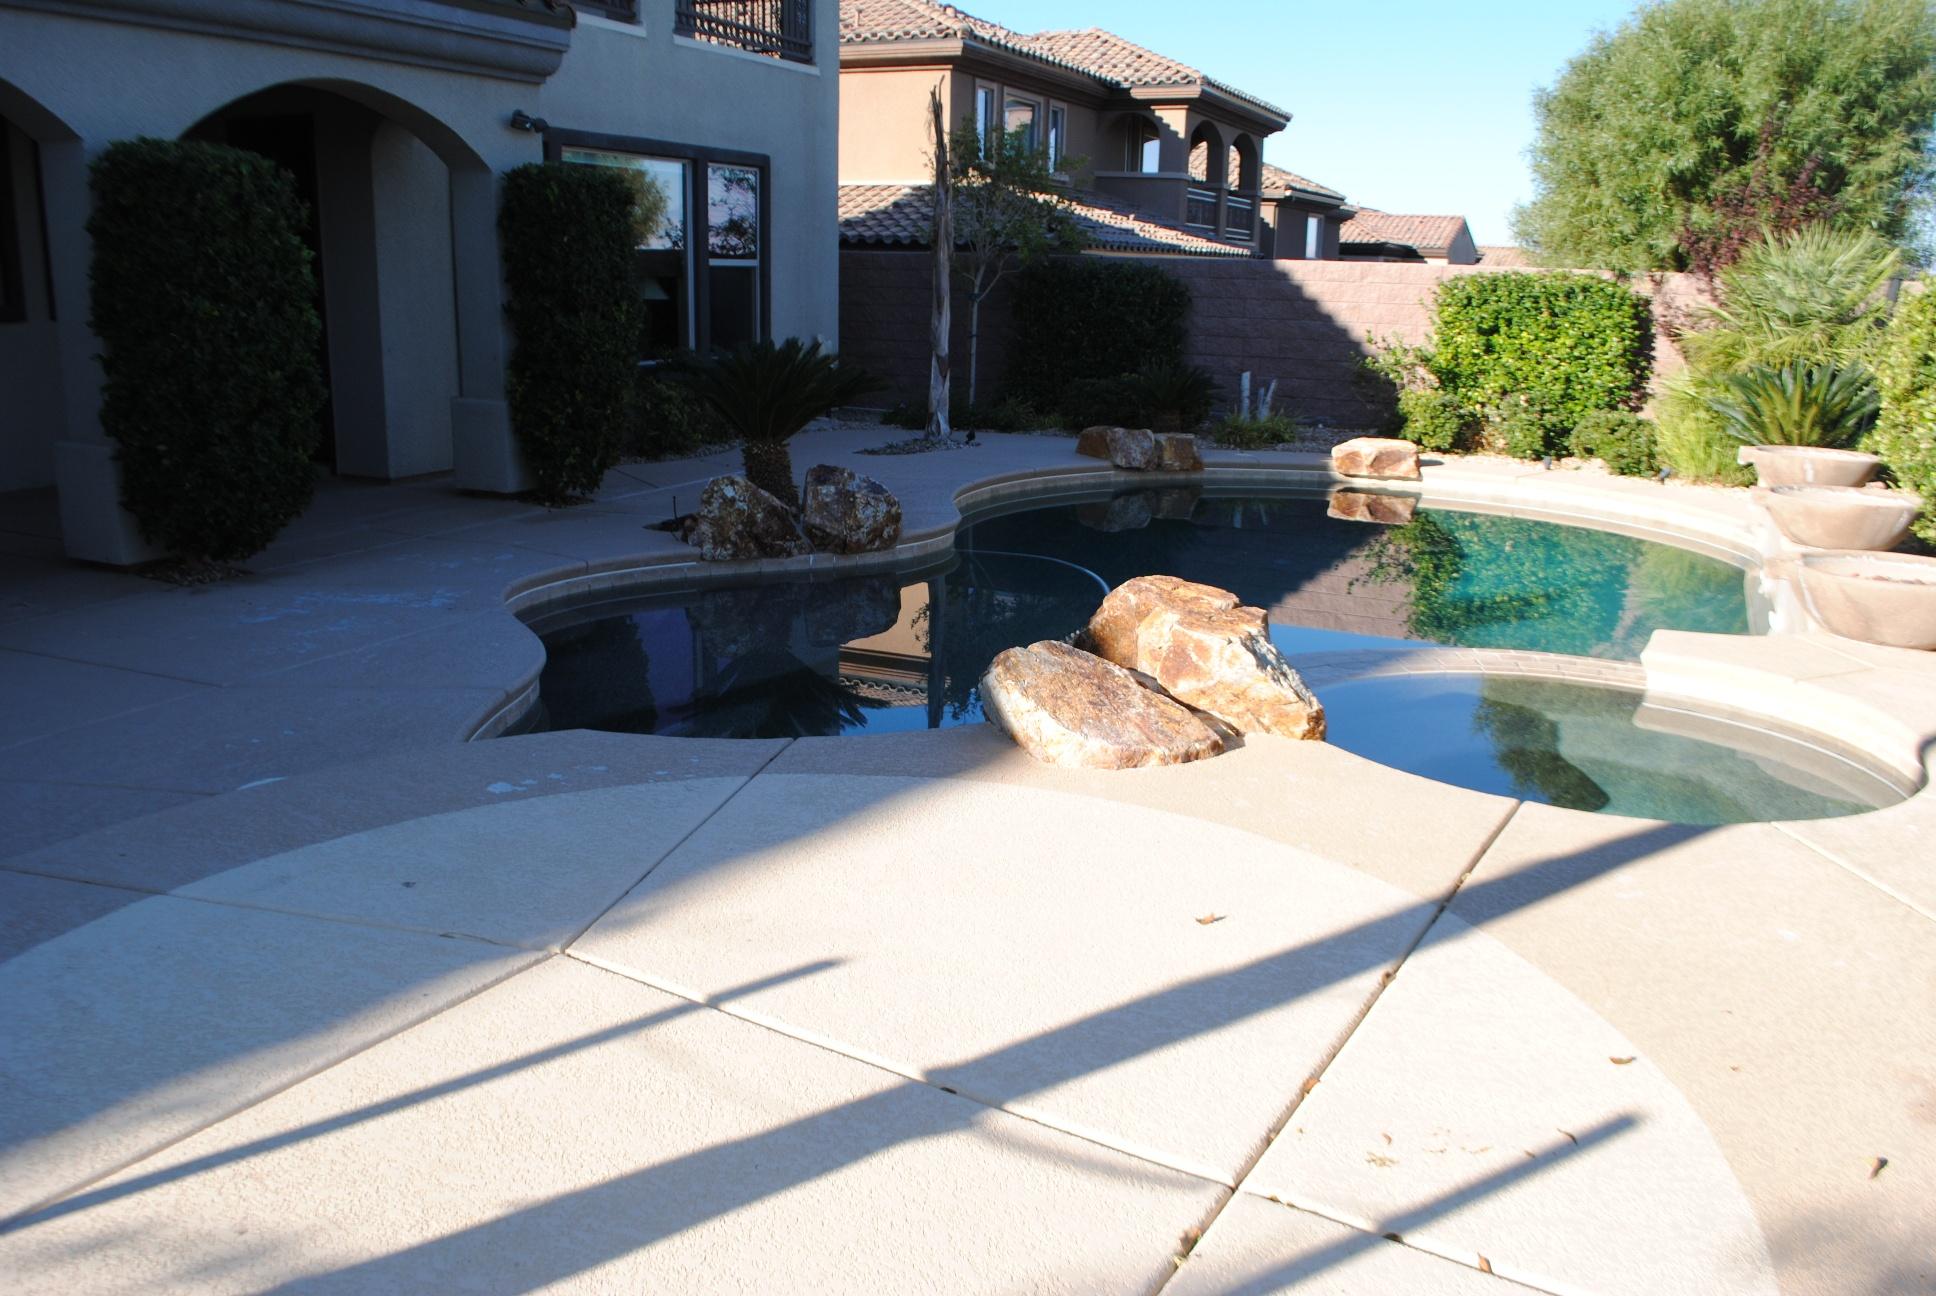 Pool Deck Remodel (before)